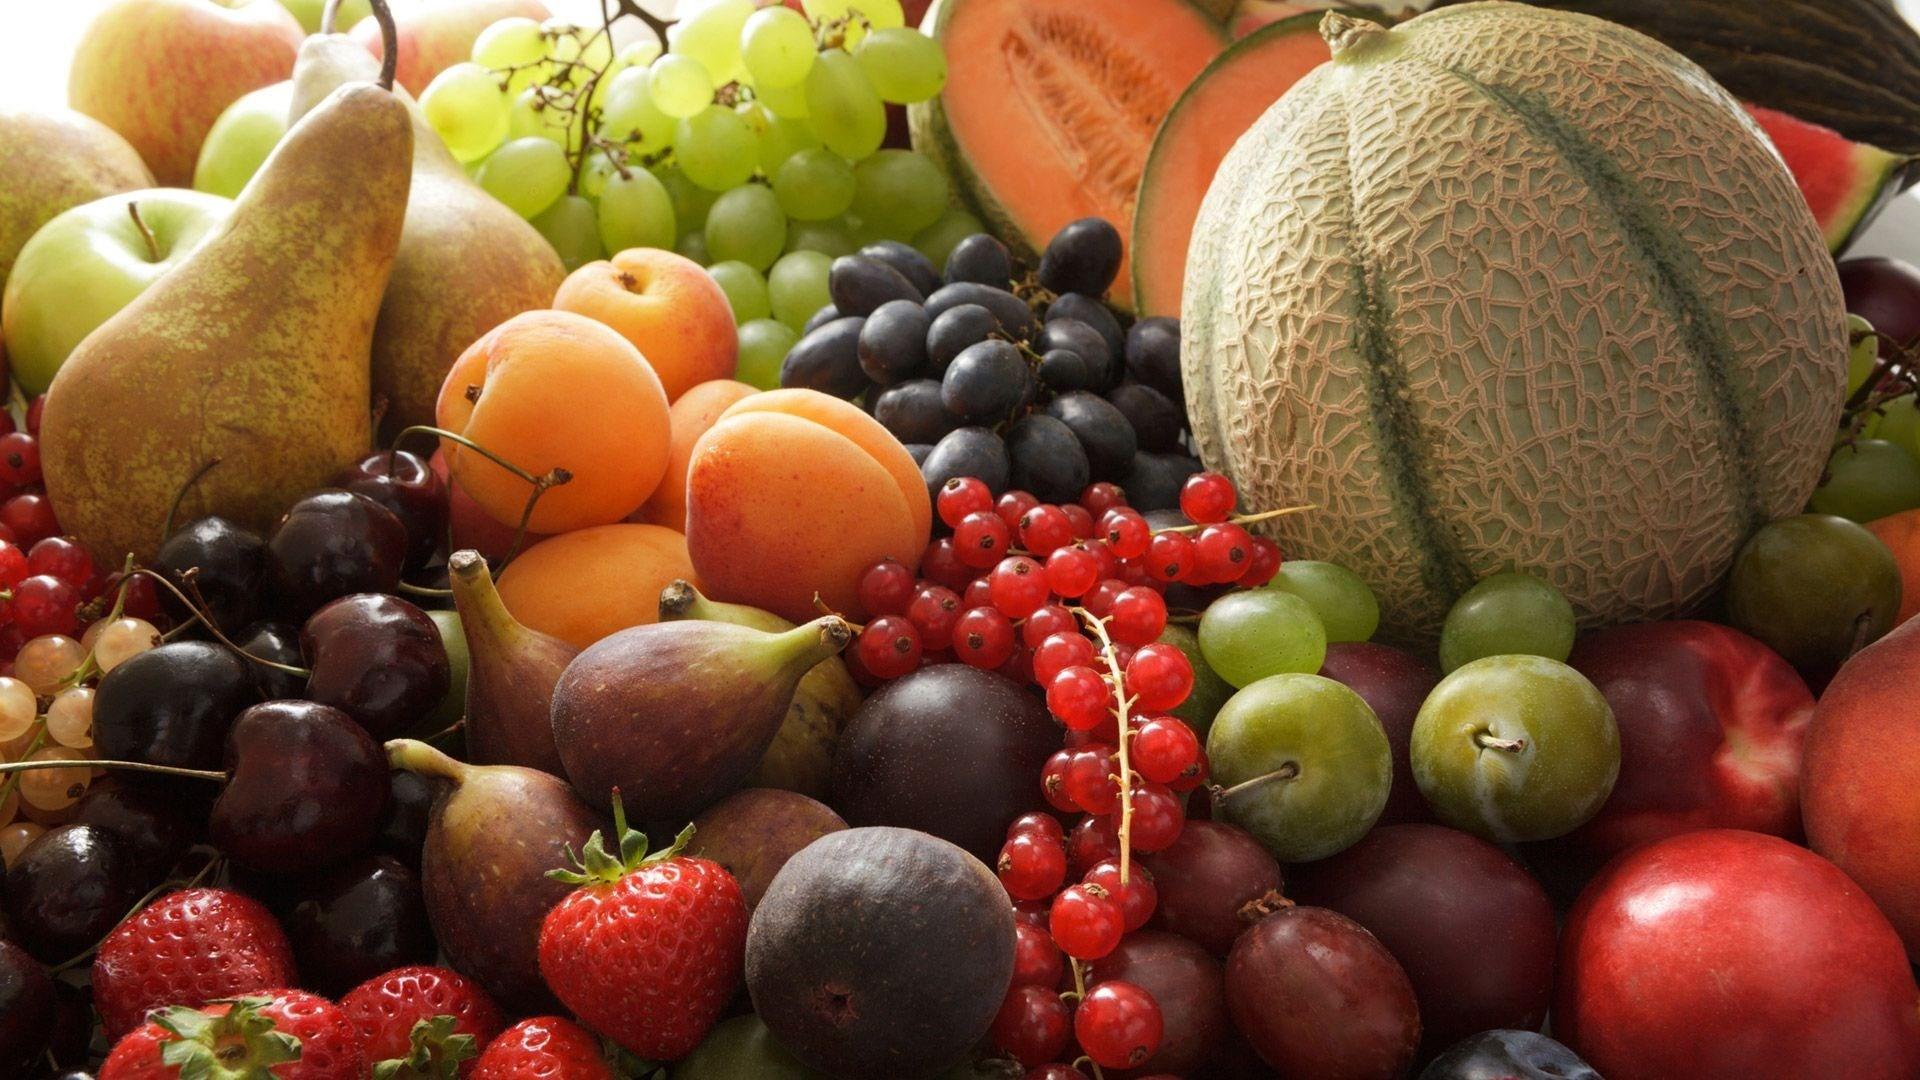 خبراء ينصحون بعدم تناول الفاكهة في الليل حيث قد تؤدي إلى مشاكل